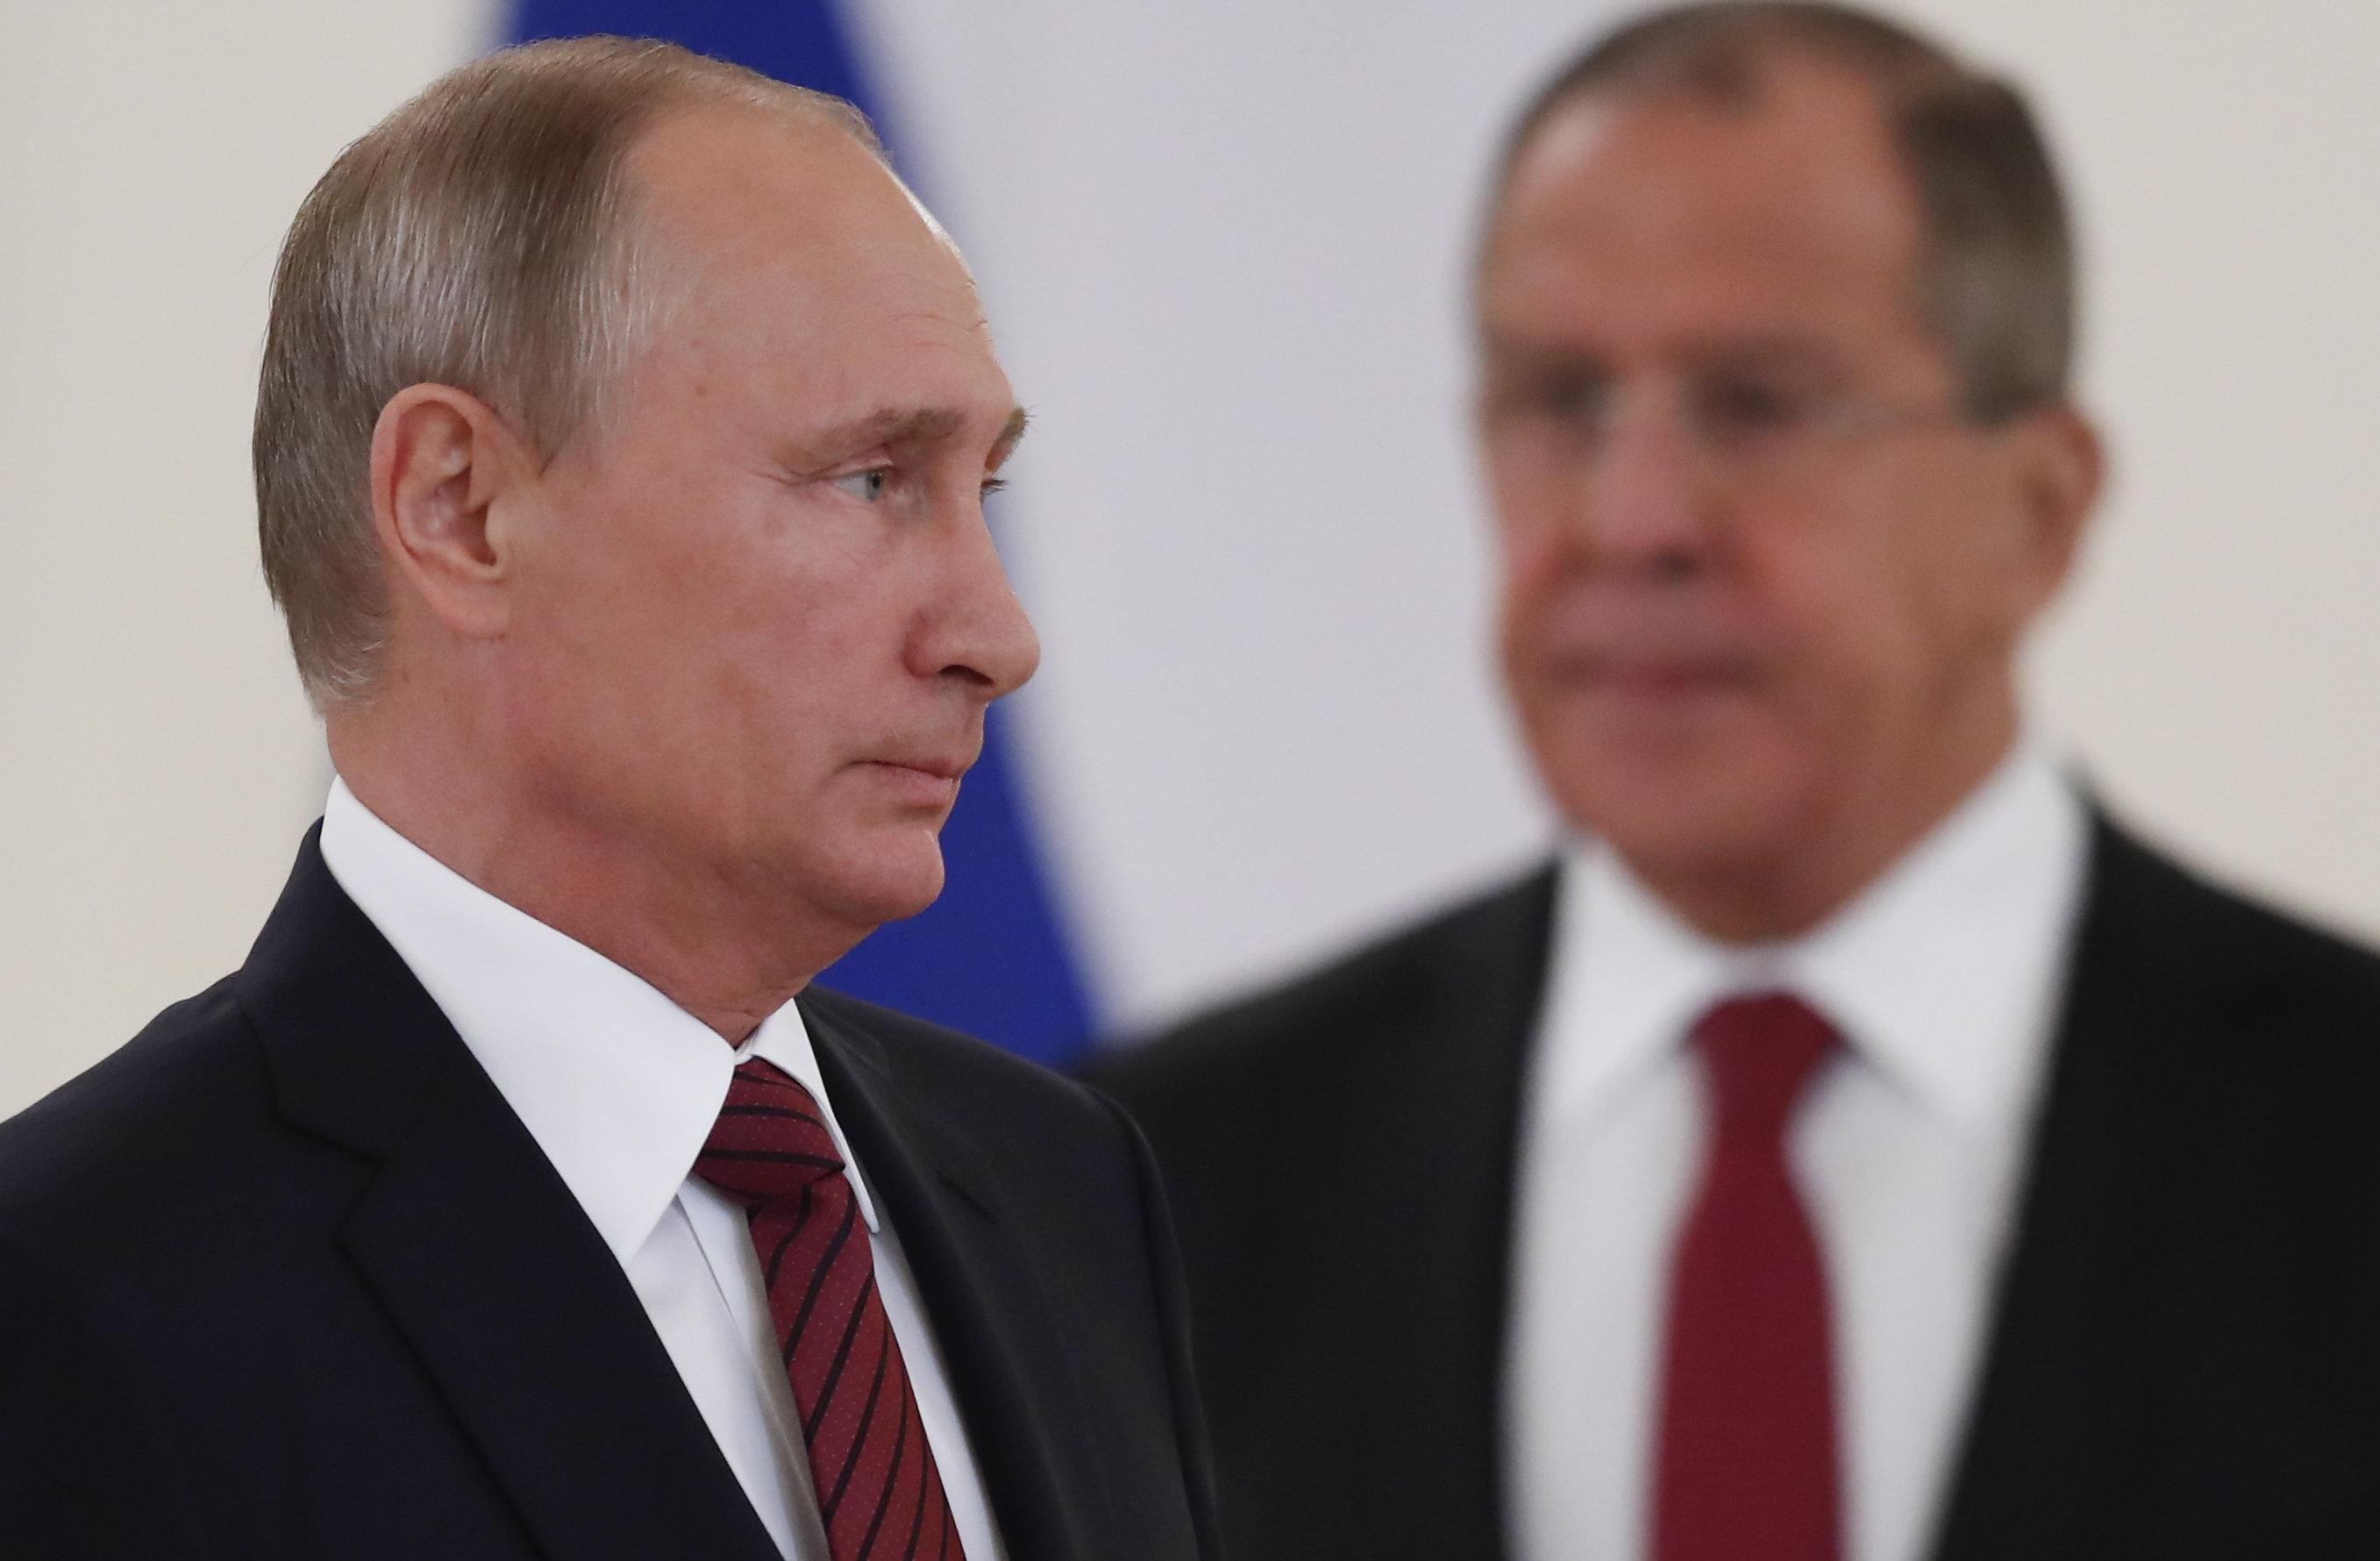 Γνωστή εδώ και δύο χρόνια η δράση των Ρώσων στην